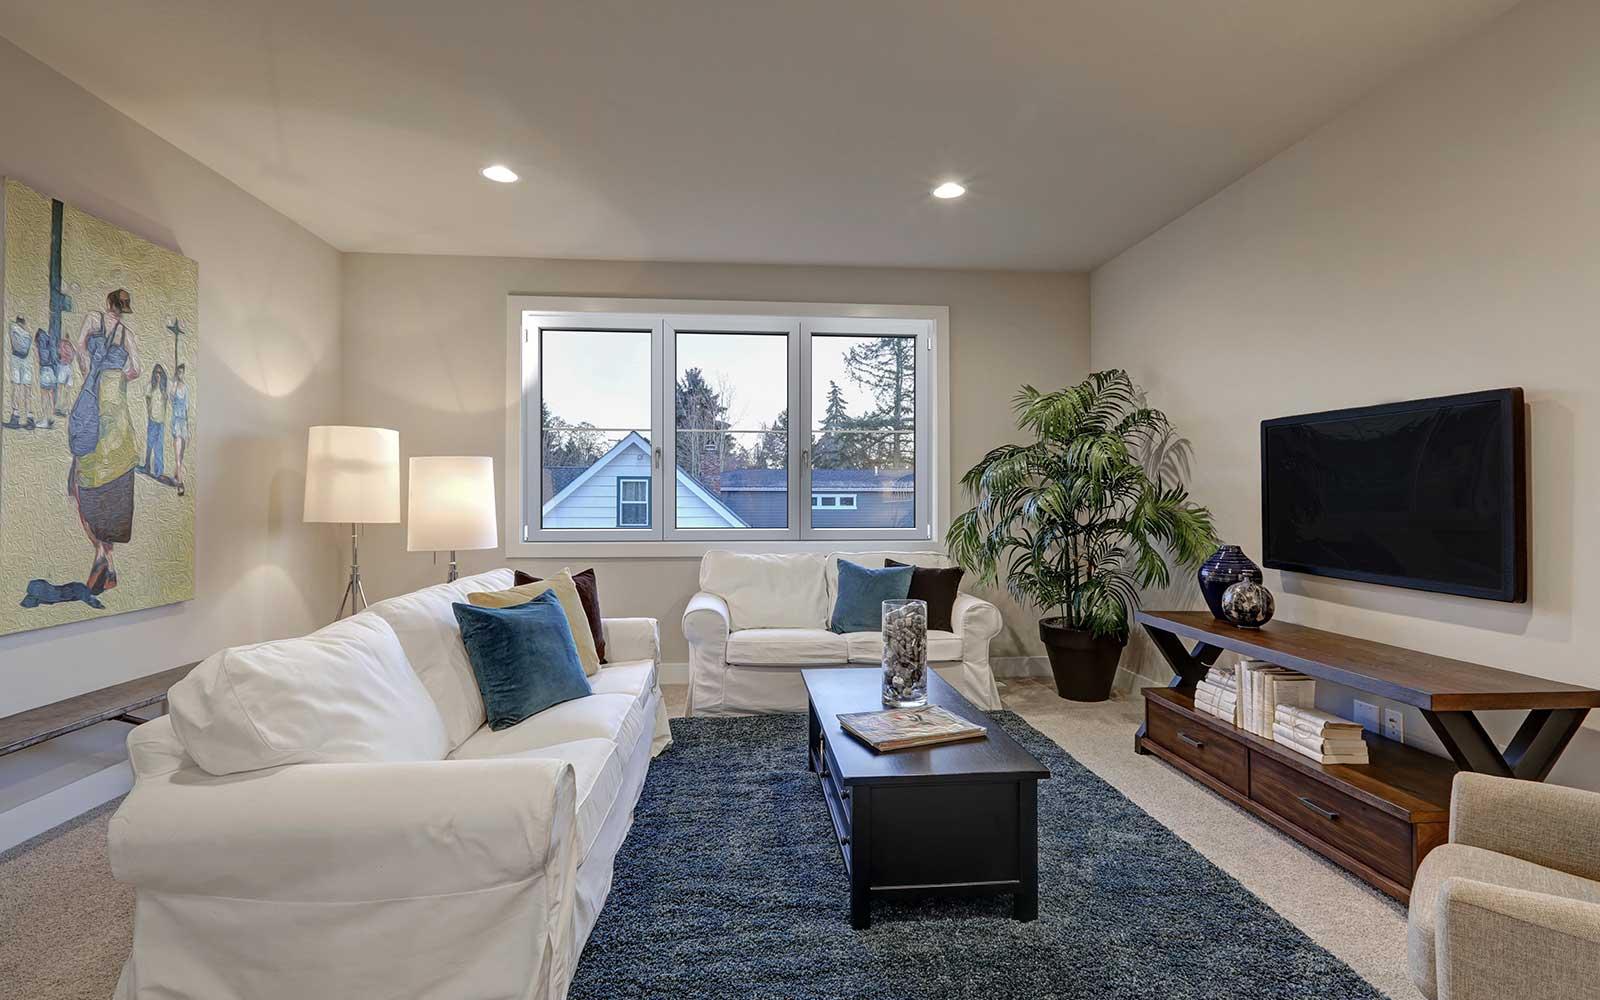 un salotto con un divano di color bianco